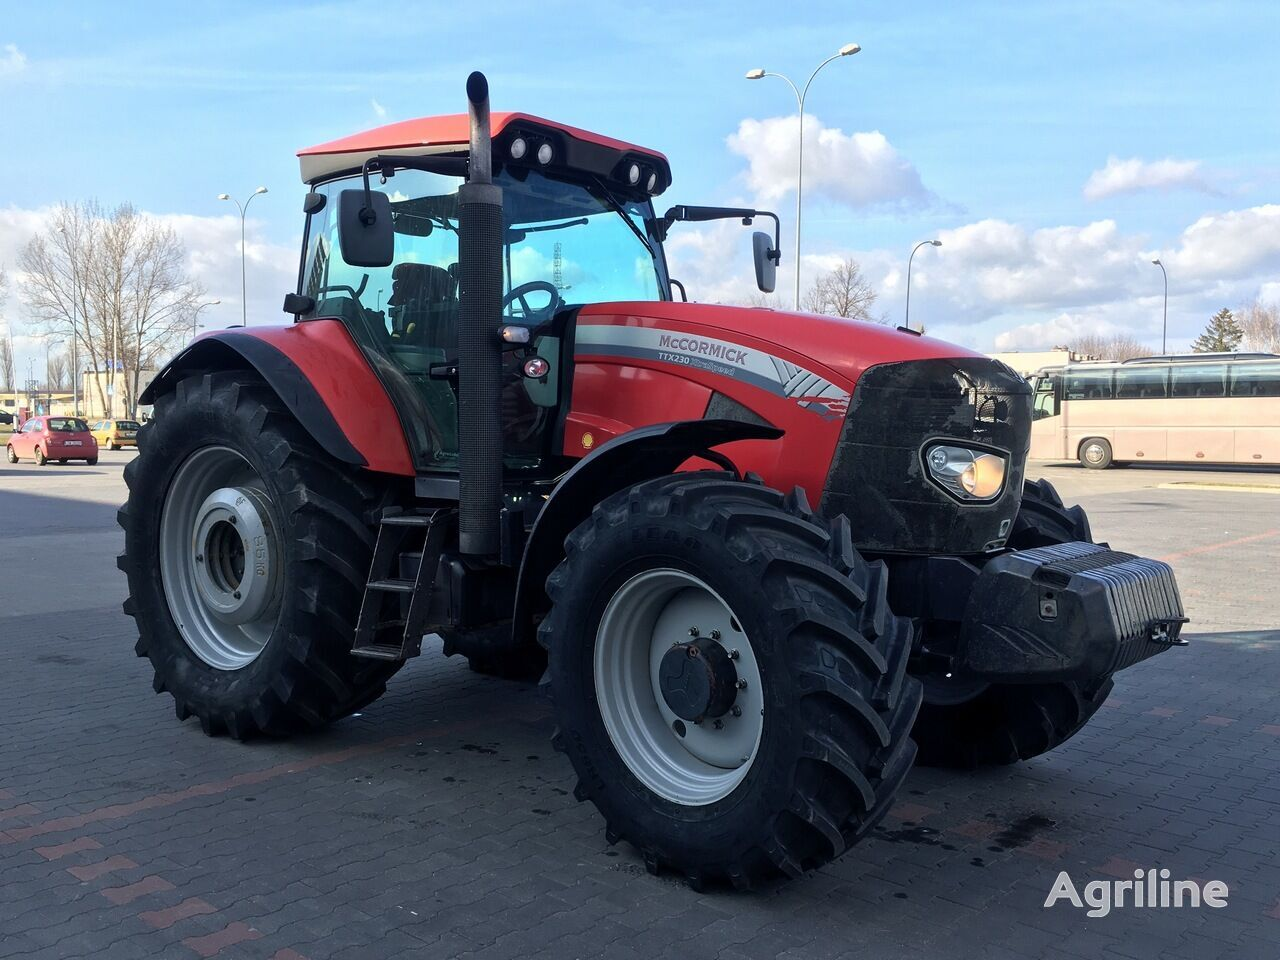 traktor na kolesih MCCORMICK TTX 230 XTRASPEED